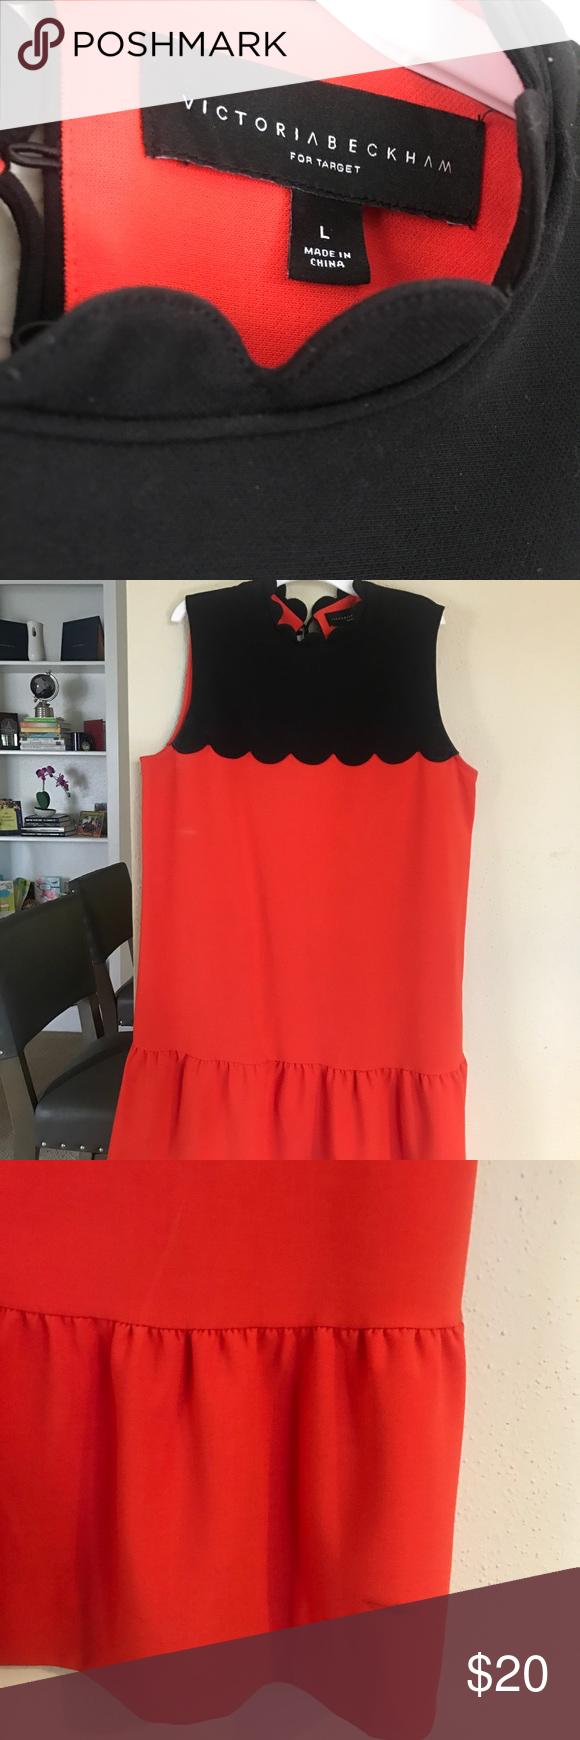 Victoria Beckham For Target Dress Black And Orange Dress Black Stain On Bottom Left Of Dress Vict Black And Orange Dress Target Dress Victoria Beckham Target [ 1740 x 580 Pixel ]